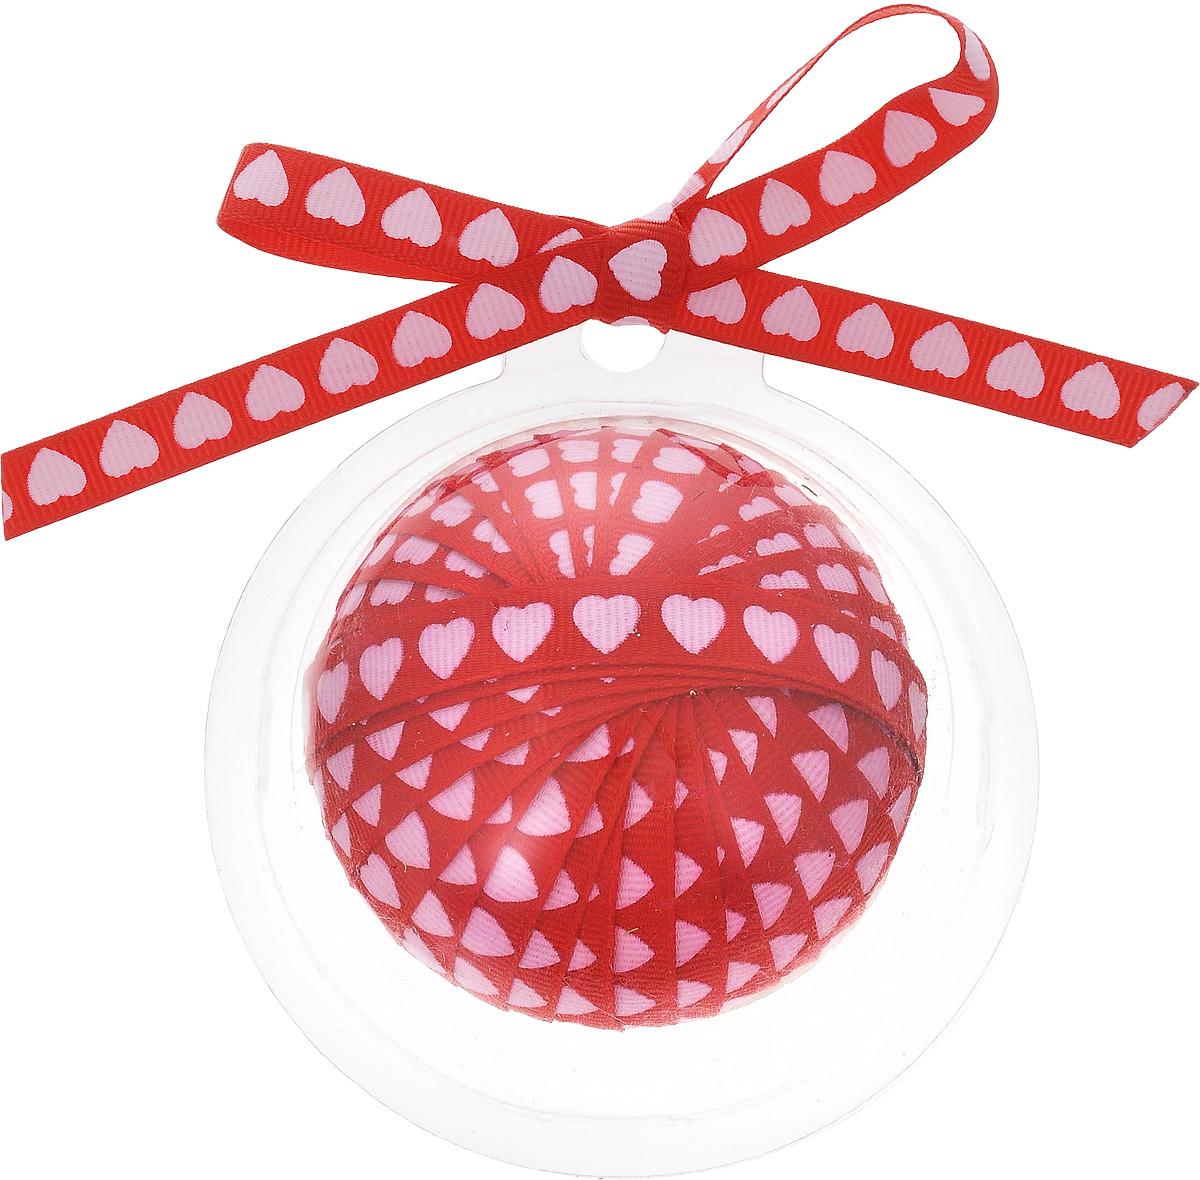 Лента новогодняя Winter Wings, цвет: красный, светло-розовый, 1 см х 3 м582217Декоративная лента Winter Wings выполнена из полиэстера. Она предназначена для оформления подарочных коробок, пакетов. Кроме того, декоративная лента с успехом применяется для художественного оформления витрин, праздничного оформления помещений, изготовления искусственных цветов. Декоративная лента украсит интерьер вашего дома к праздникам.Ширина ленты: 1 см.